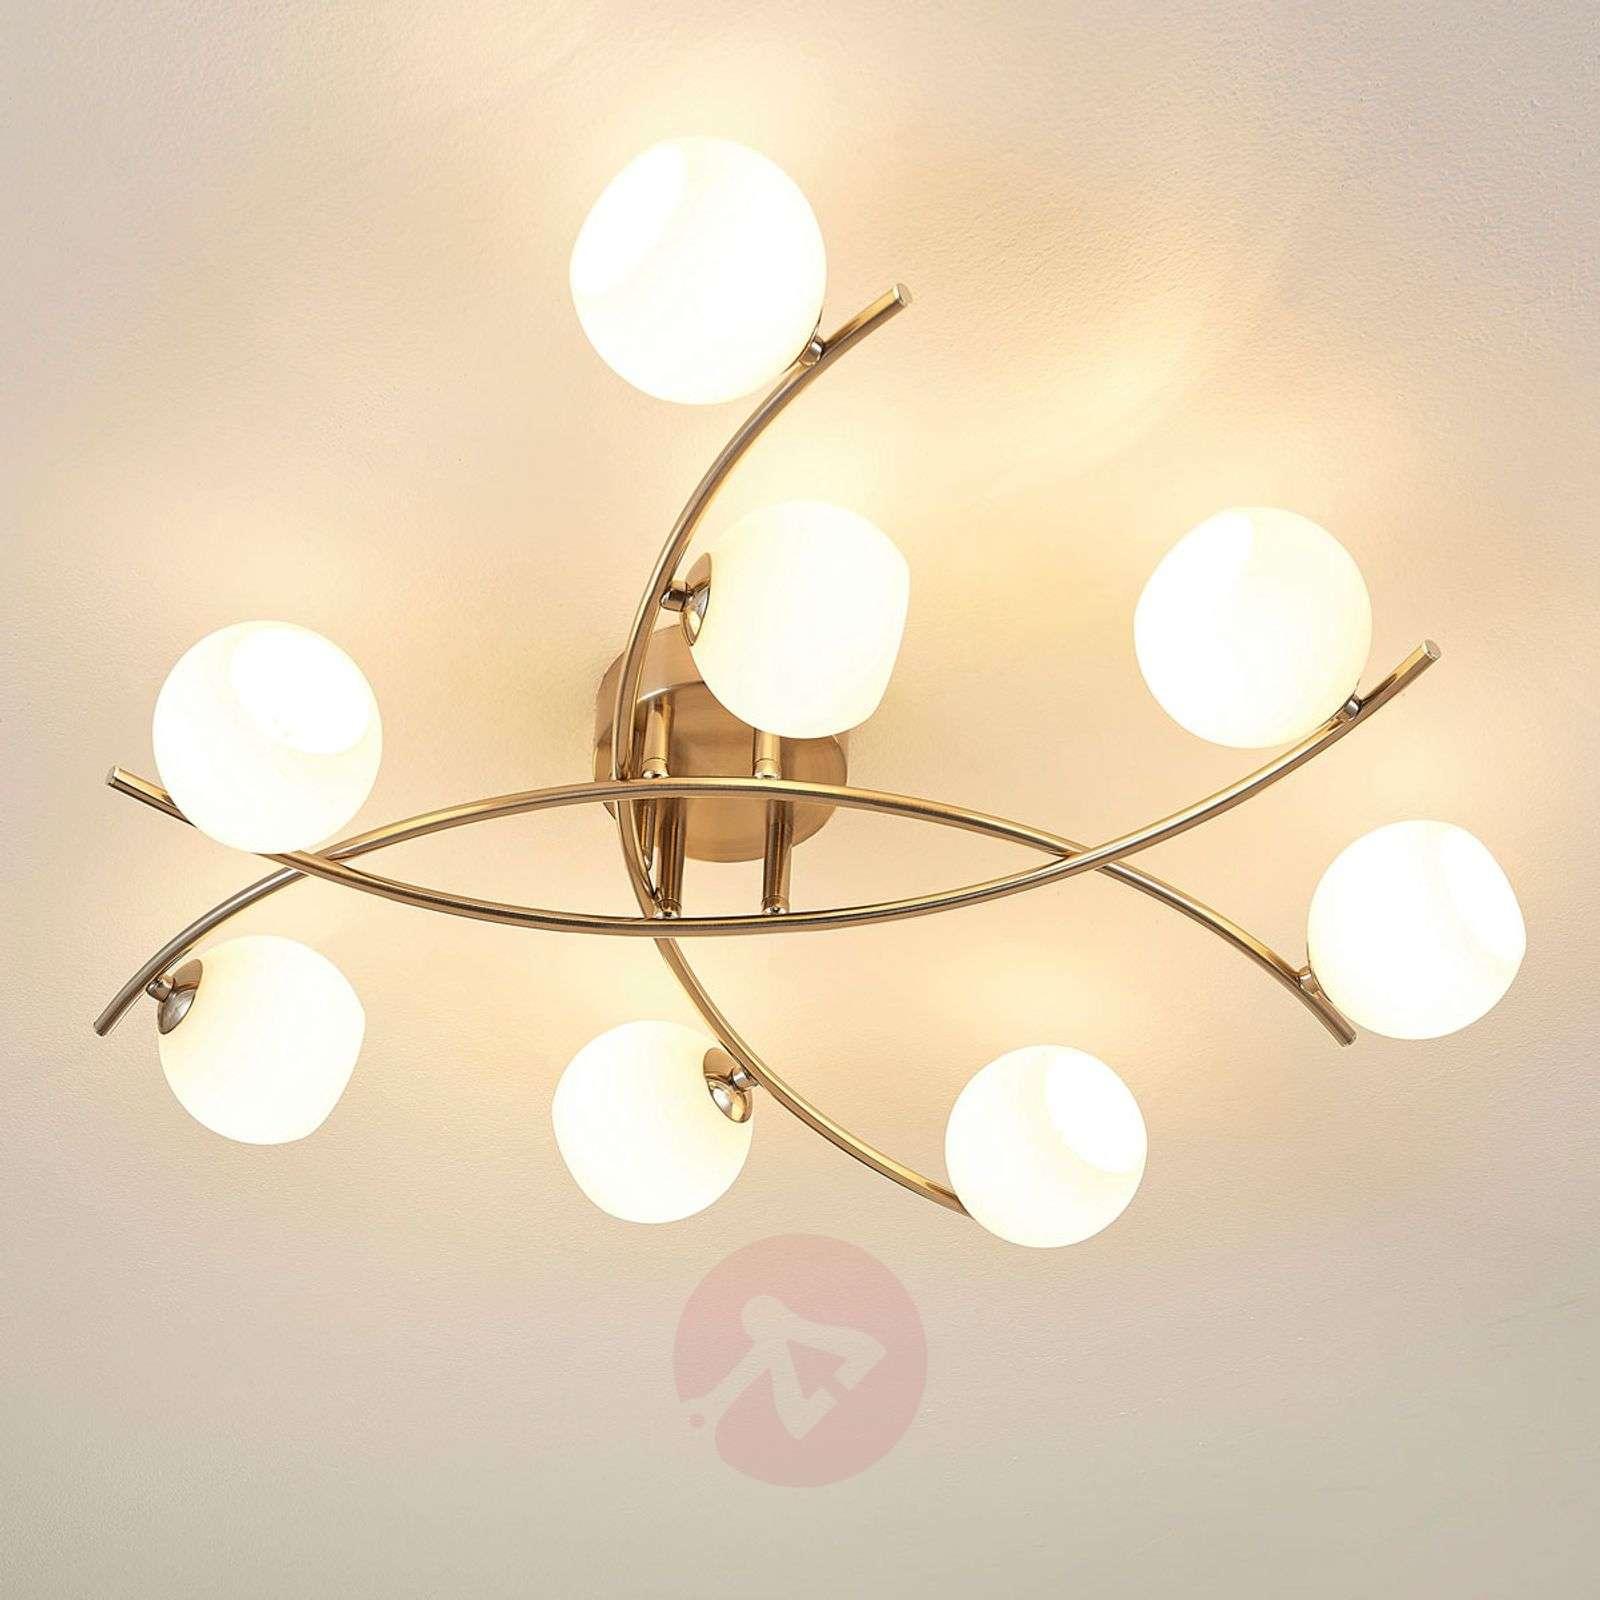 8-lamppuinen kattovalaisin Muriel opaalilasia-9620570-01